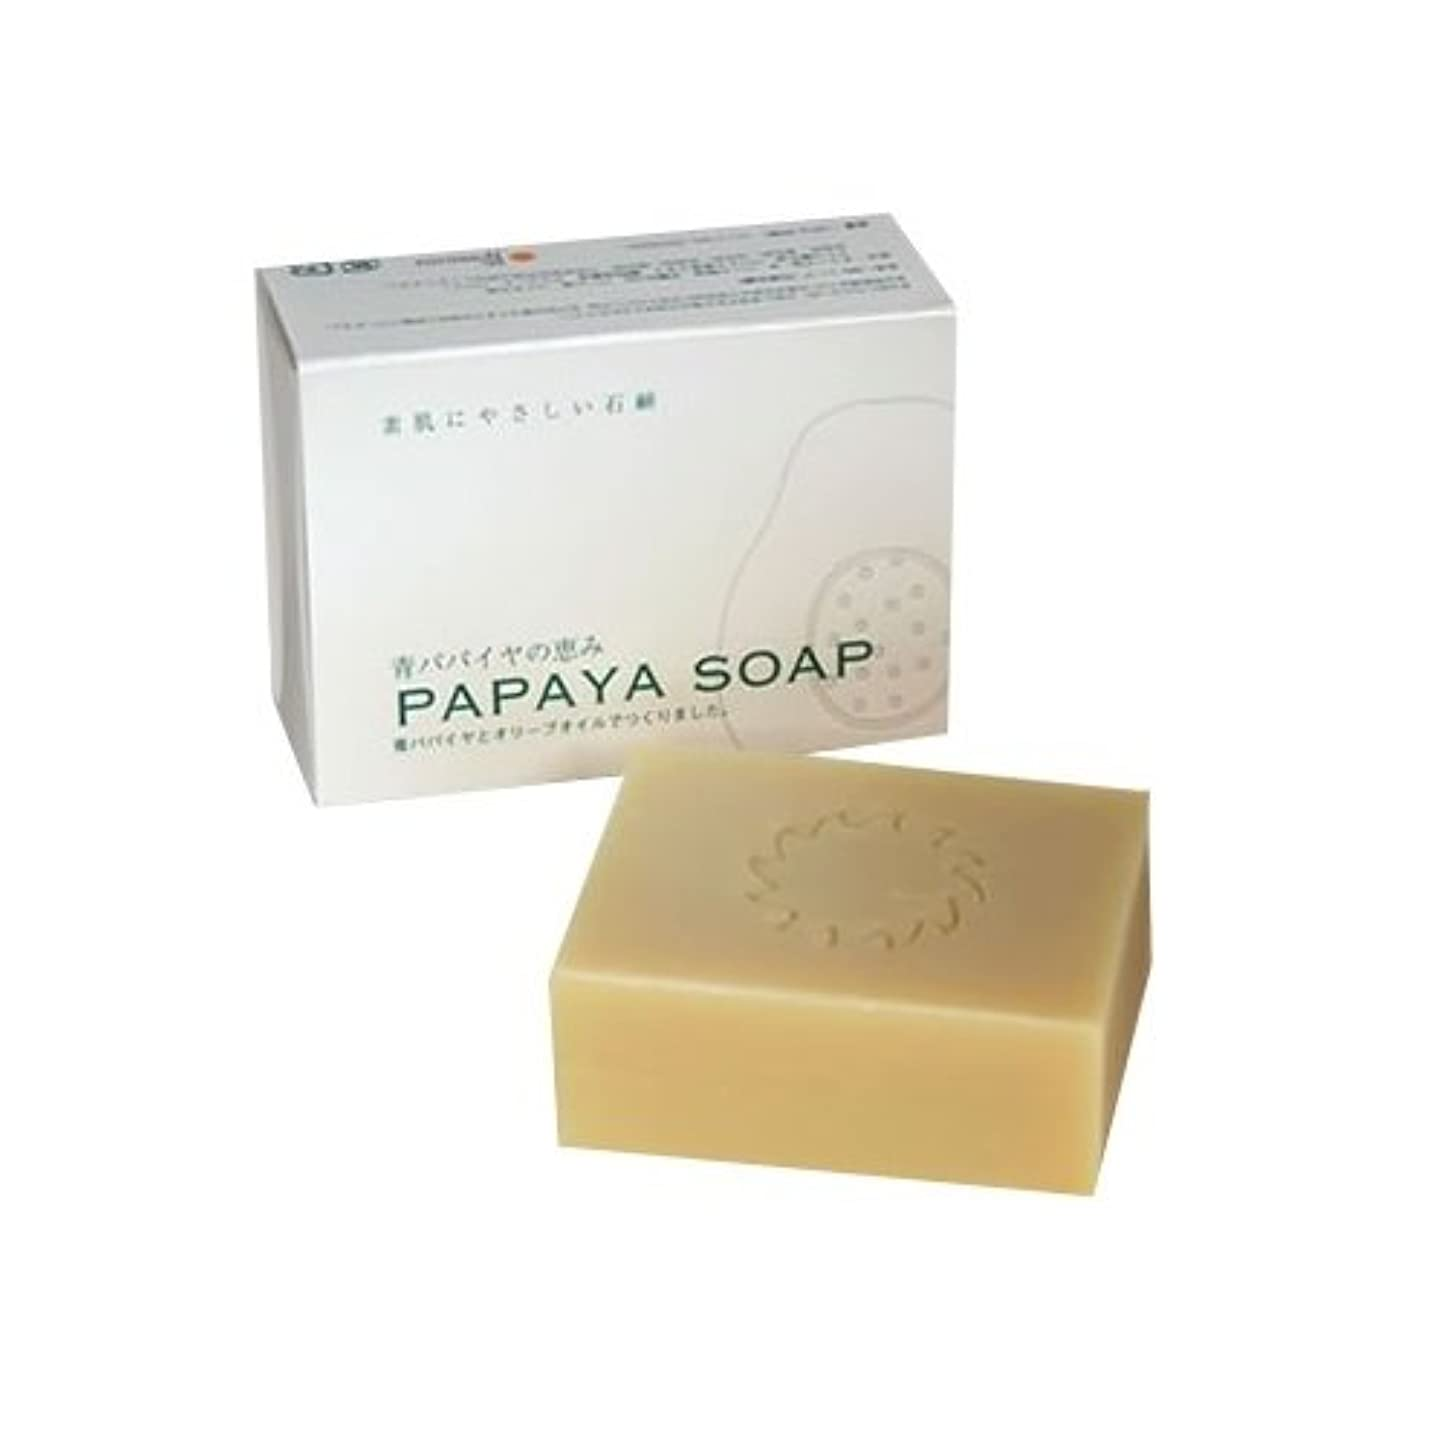 普遍的なスケジュール会議青パパイヤの恵み PAPAYA SOAP(パパイヤソープ) 100g